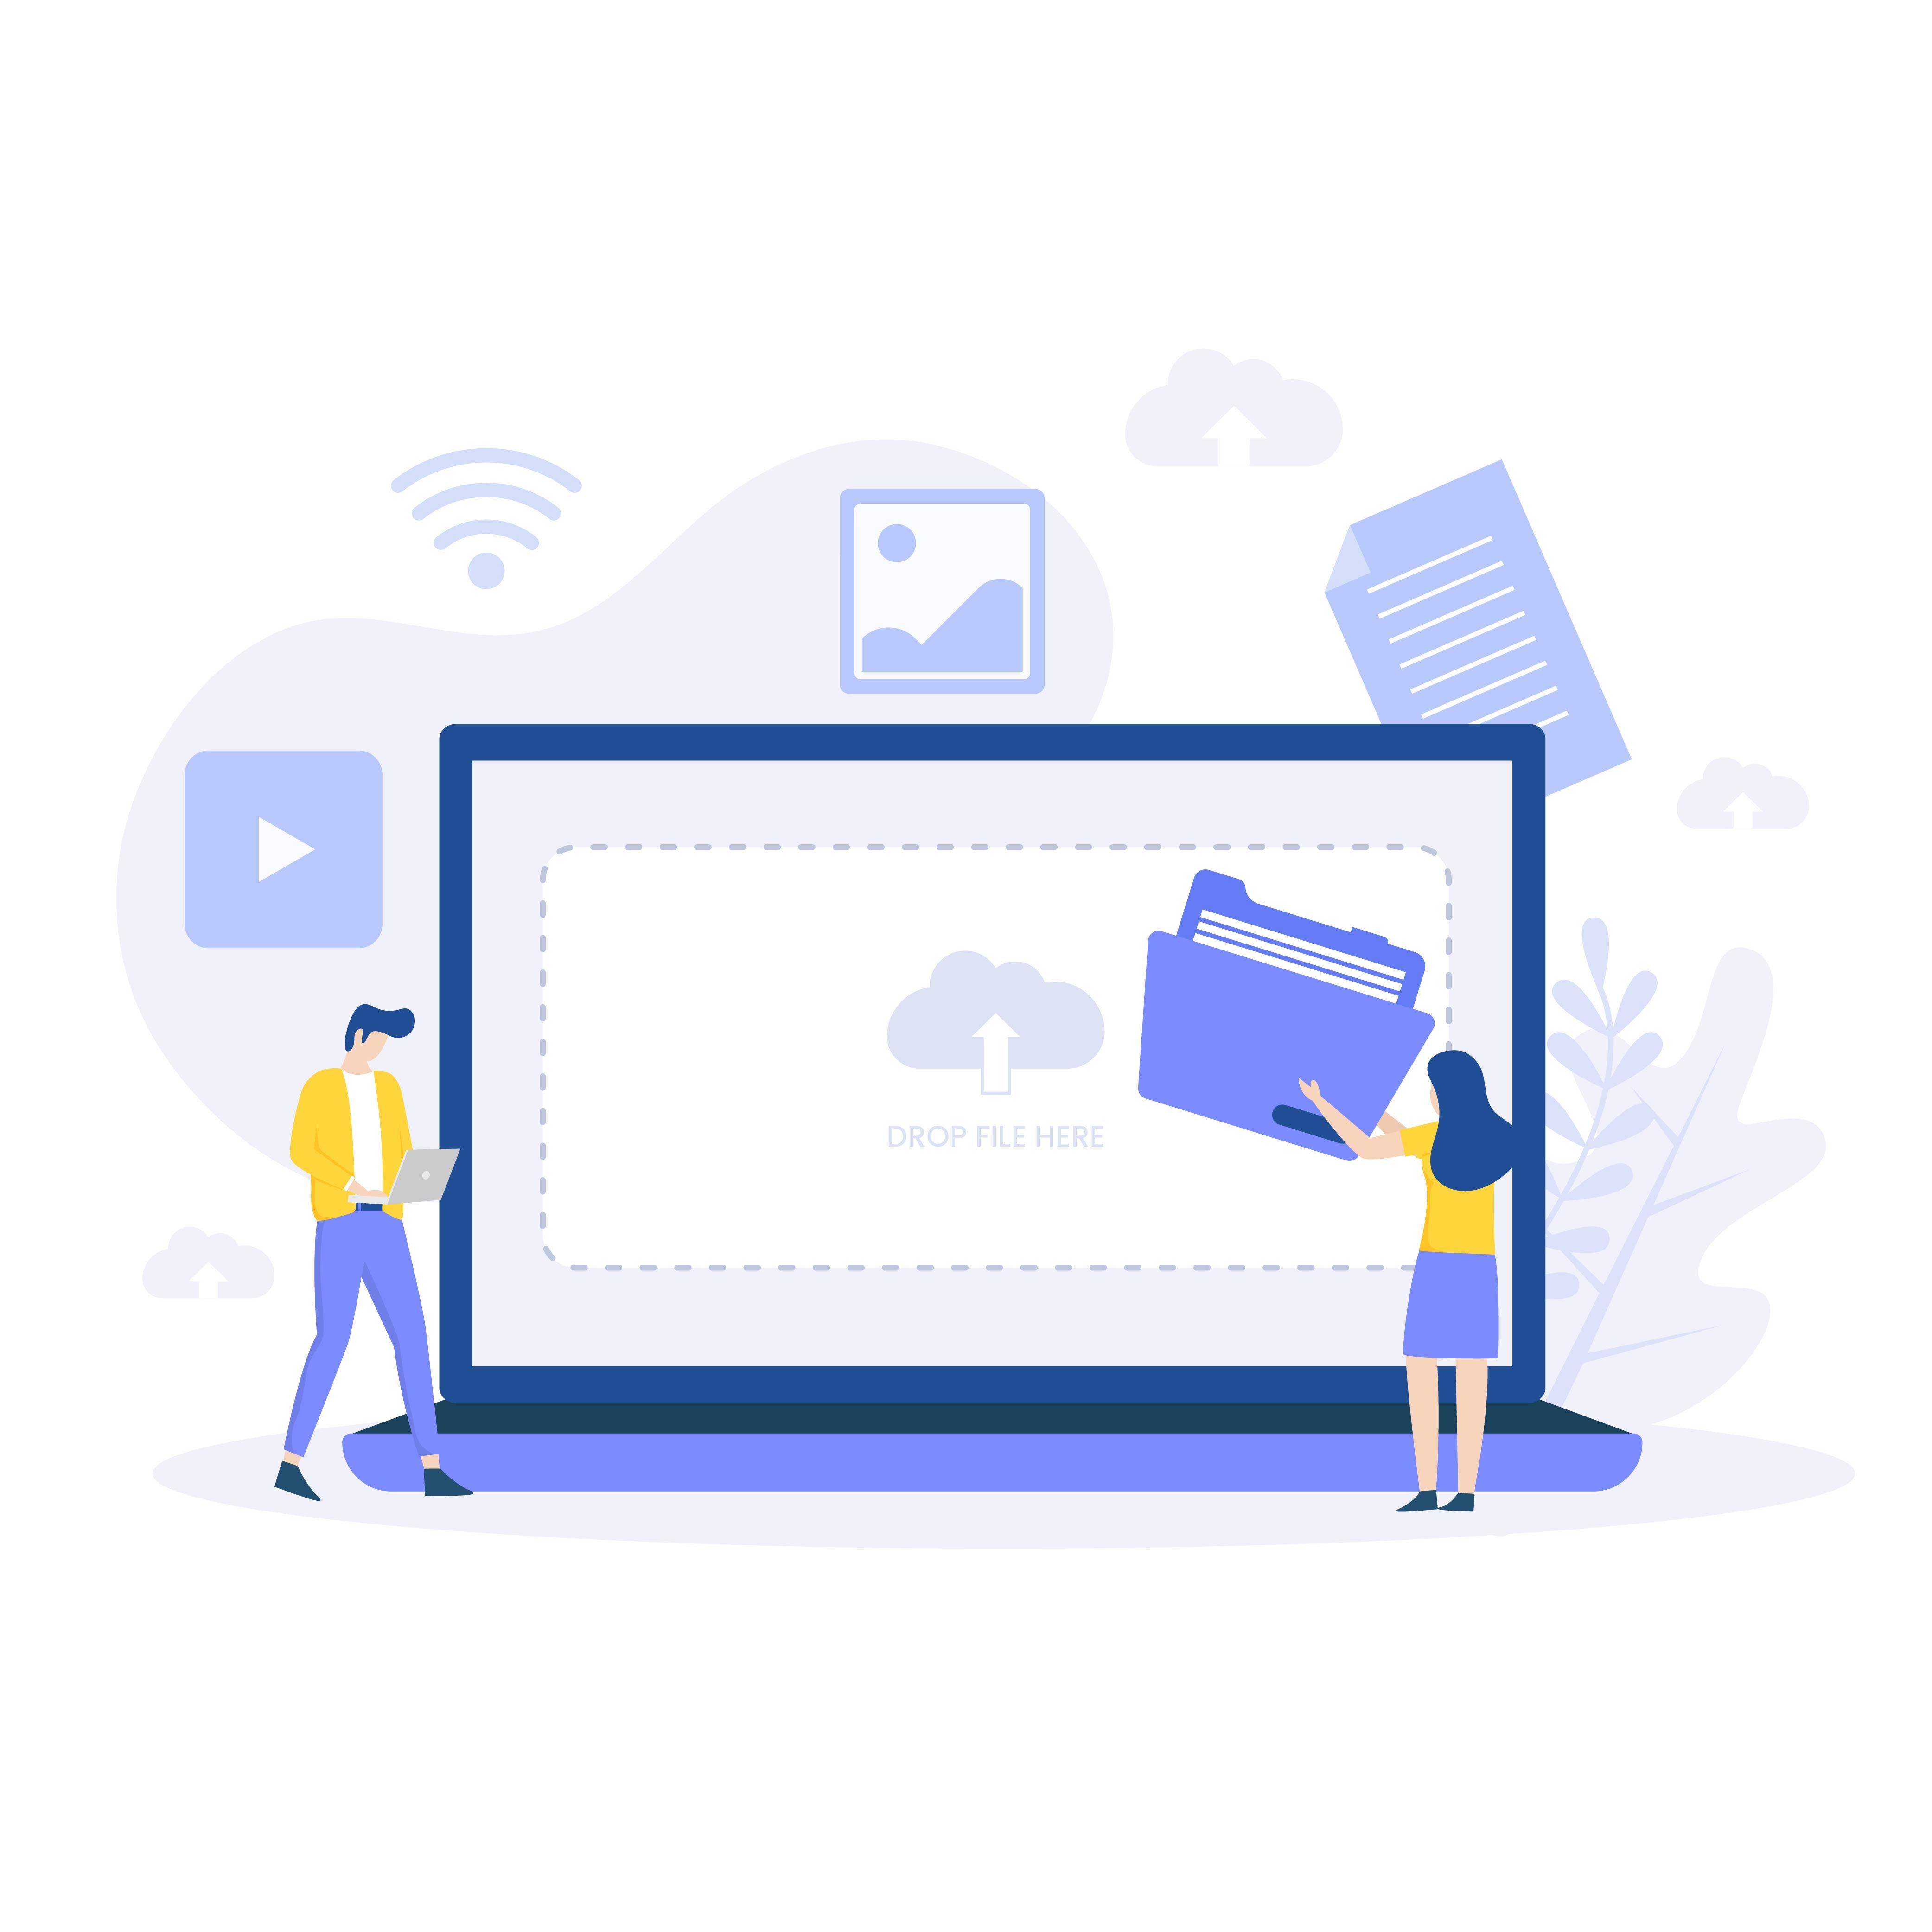 Modern flat file upload design concept vector